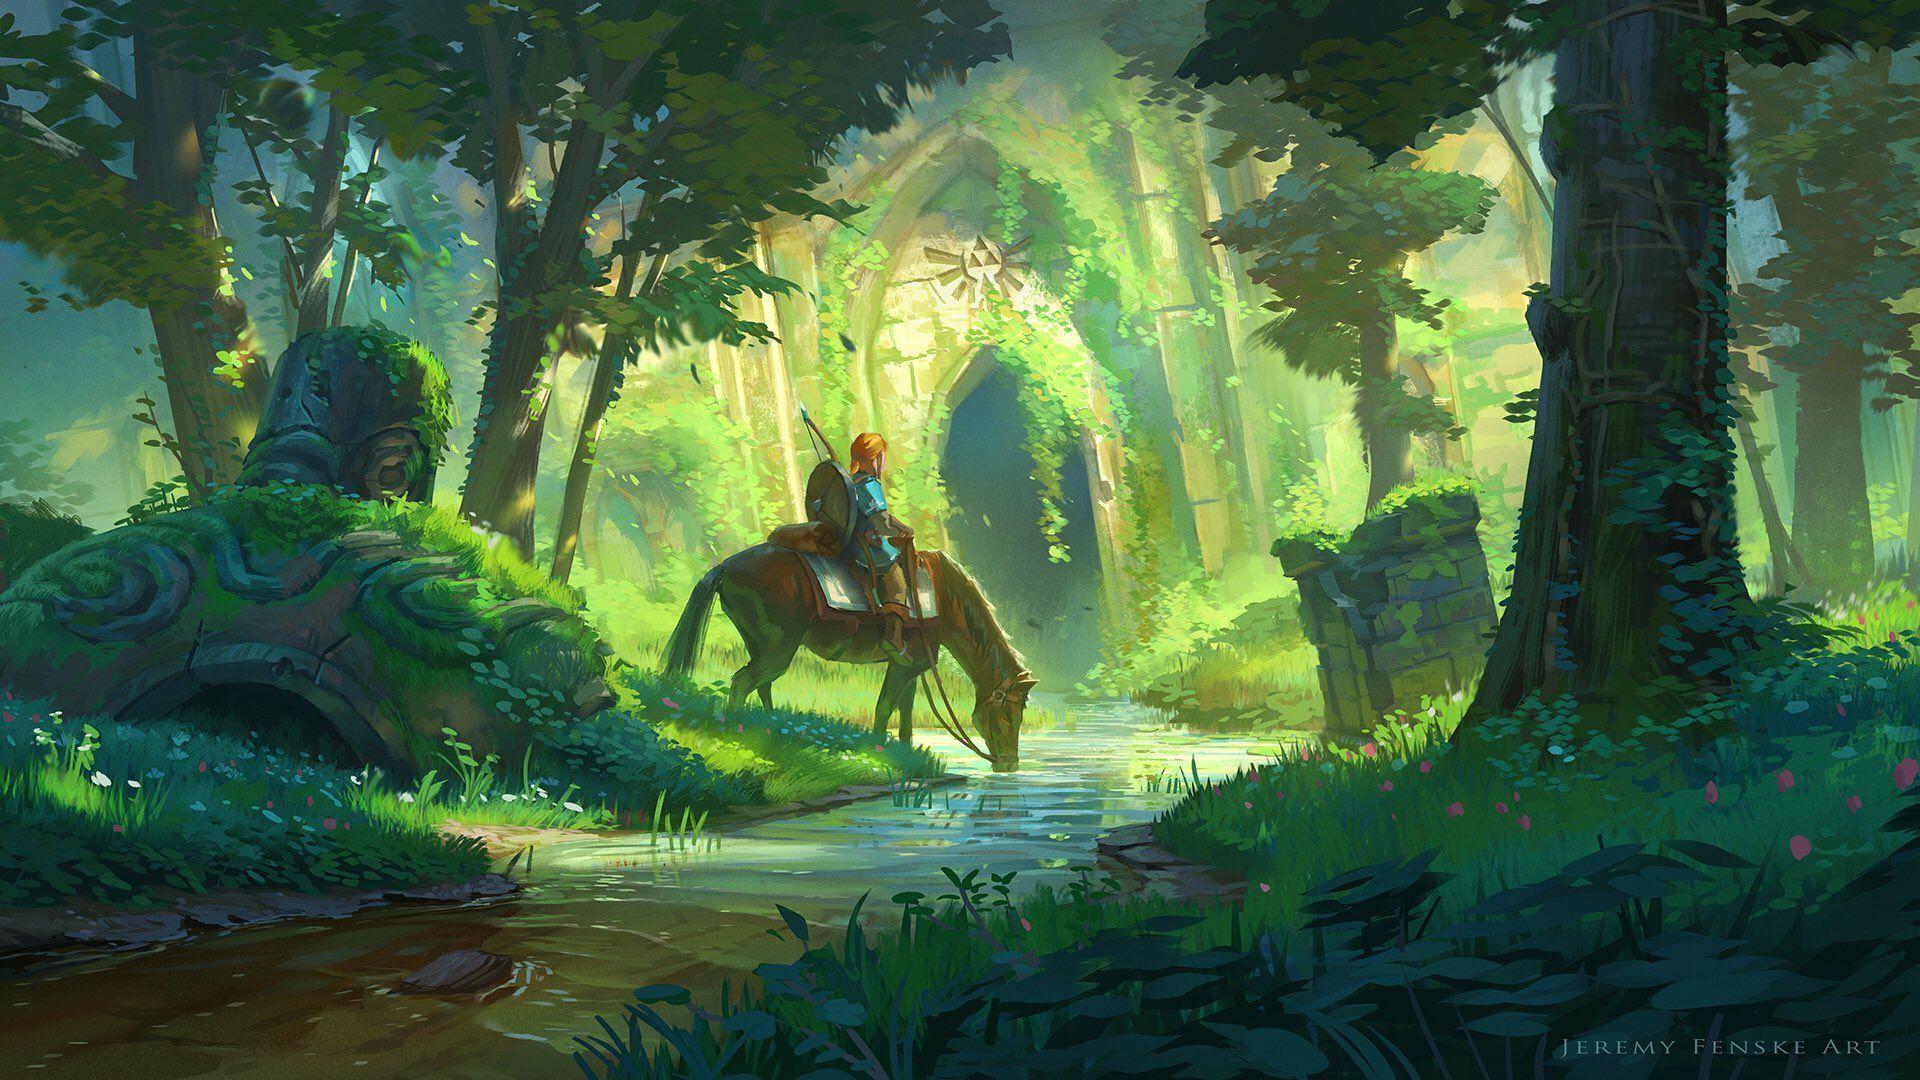 Jeremy Fenske On Twitter Legend Of Zelda Breath Breath Of The Wild Wallpaper The Legend Of Zelda Wallpaper